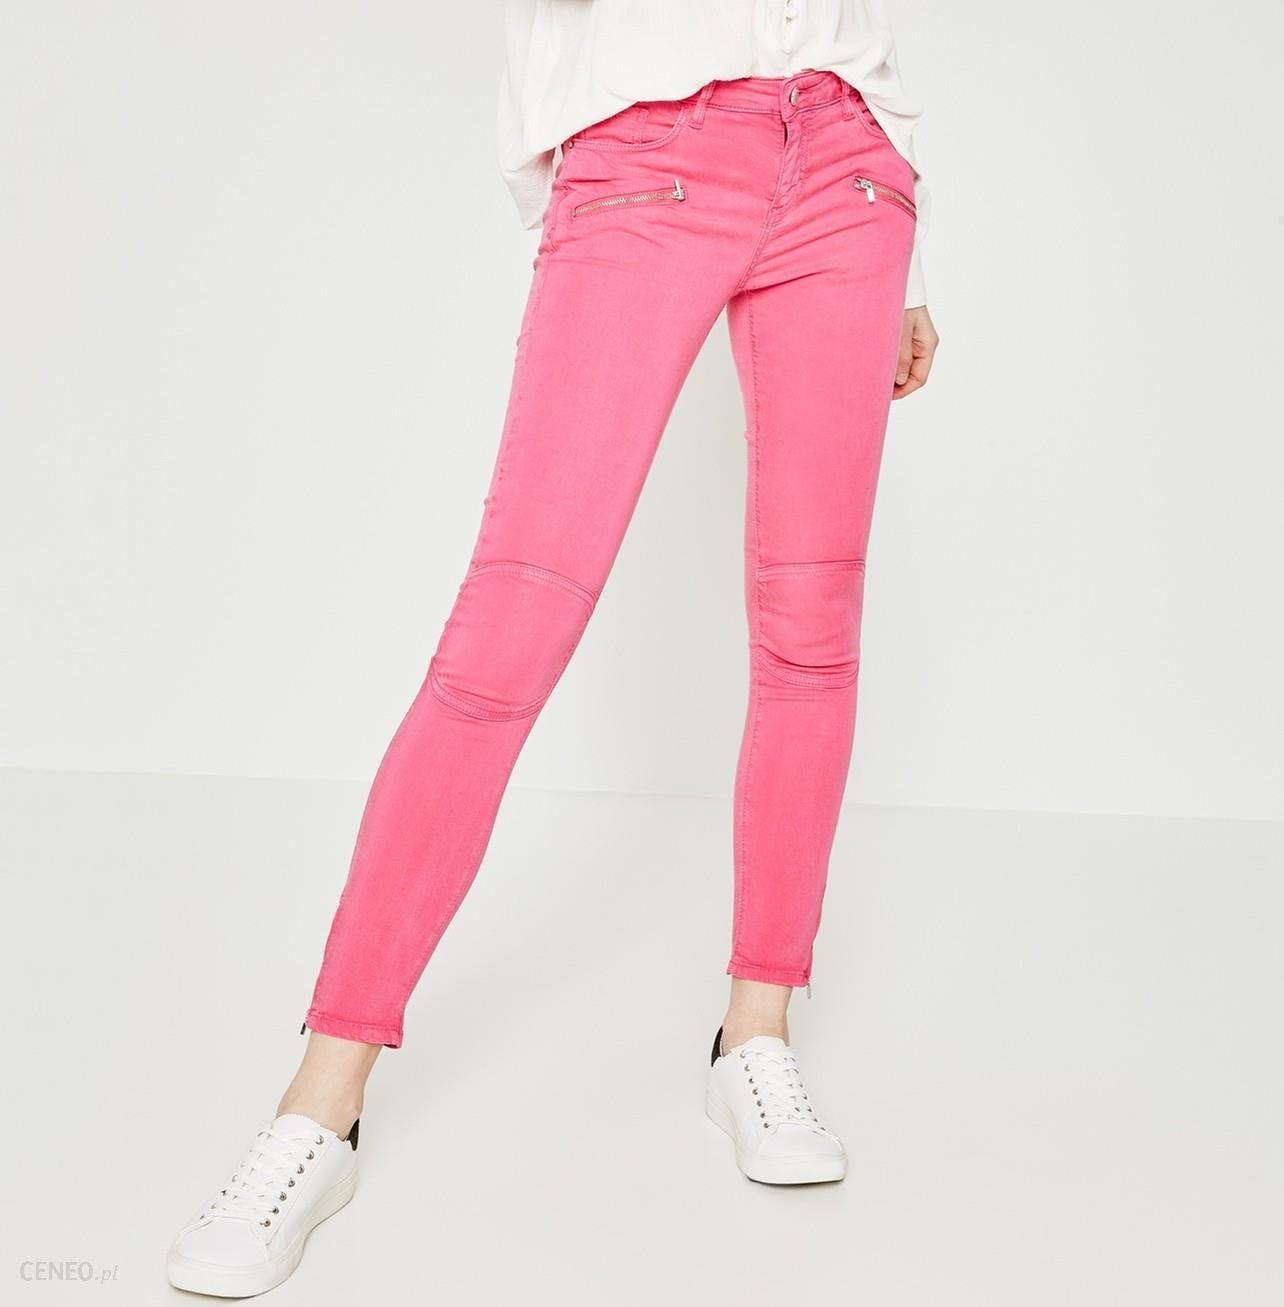 0182fdead3 Promod Spodnie skinny - Ceny i opinie - Ceneo.pl